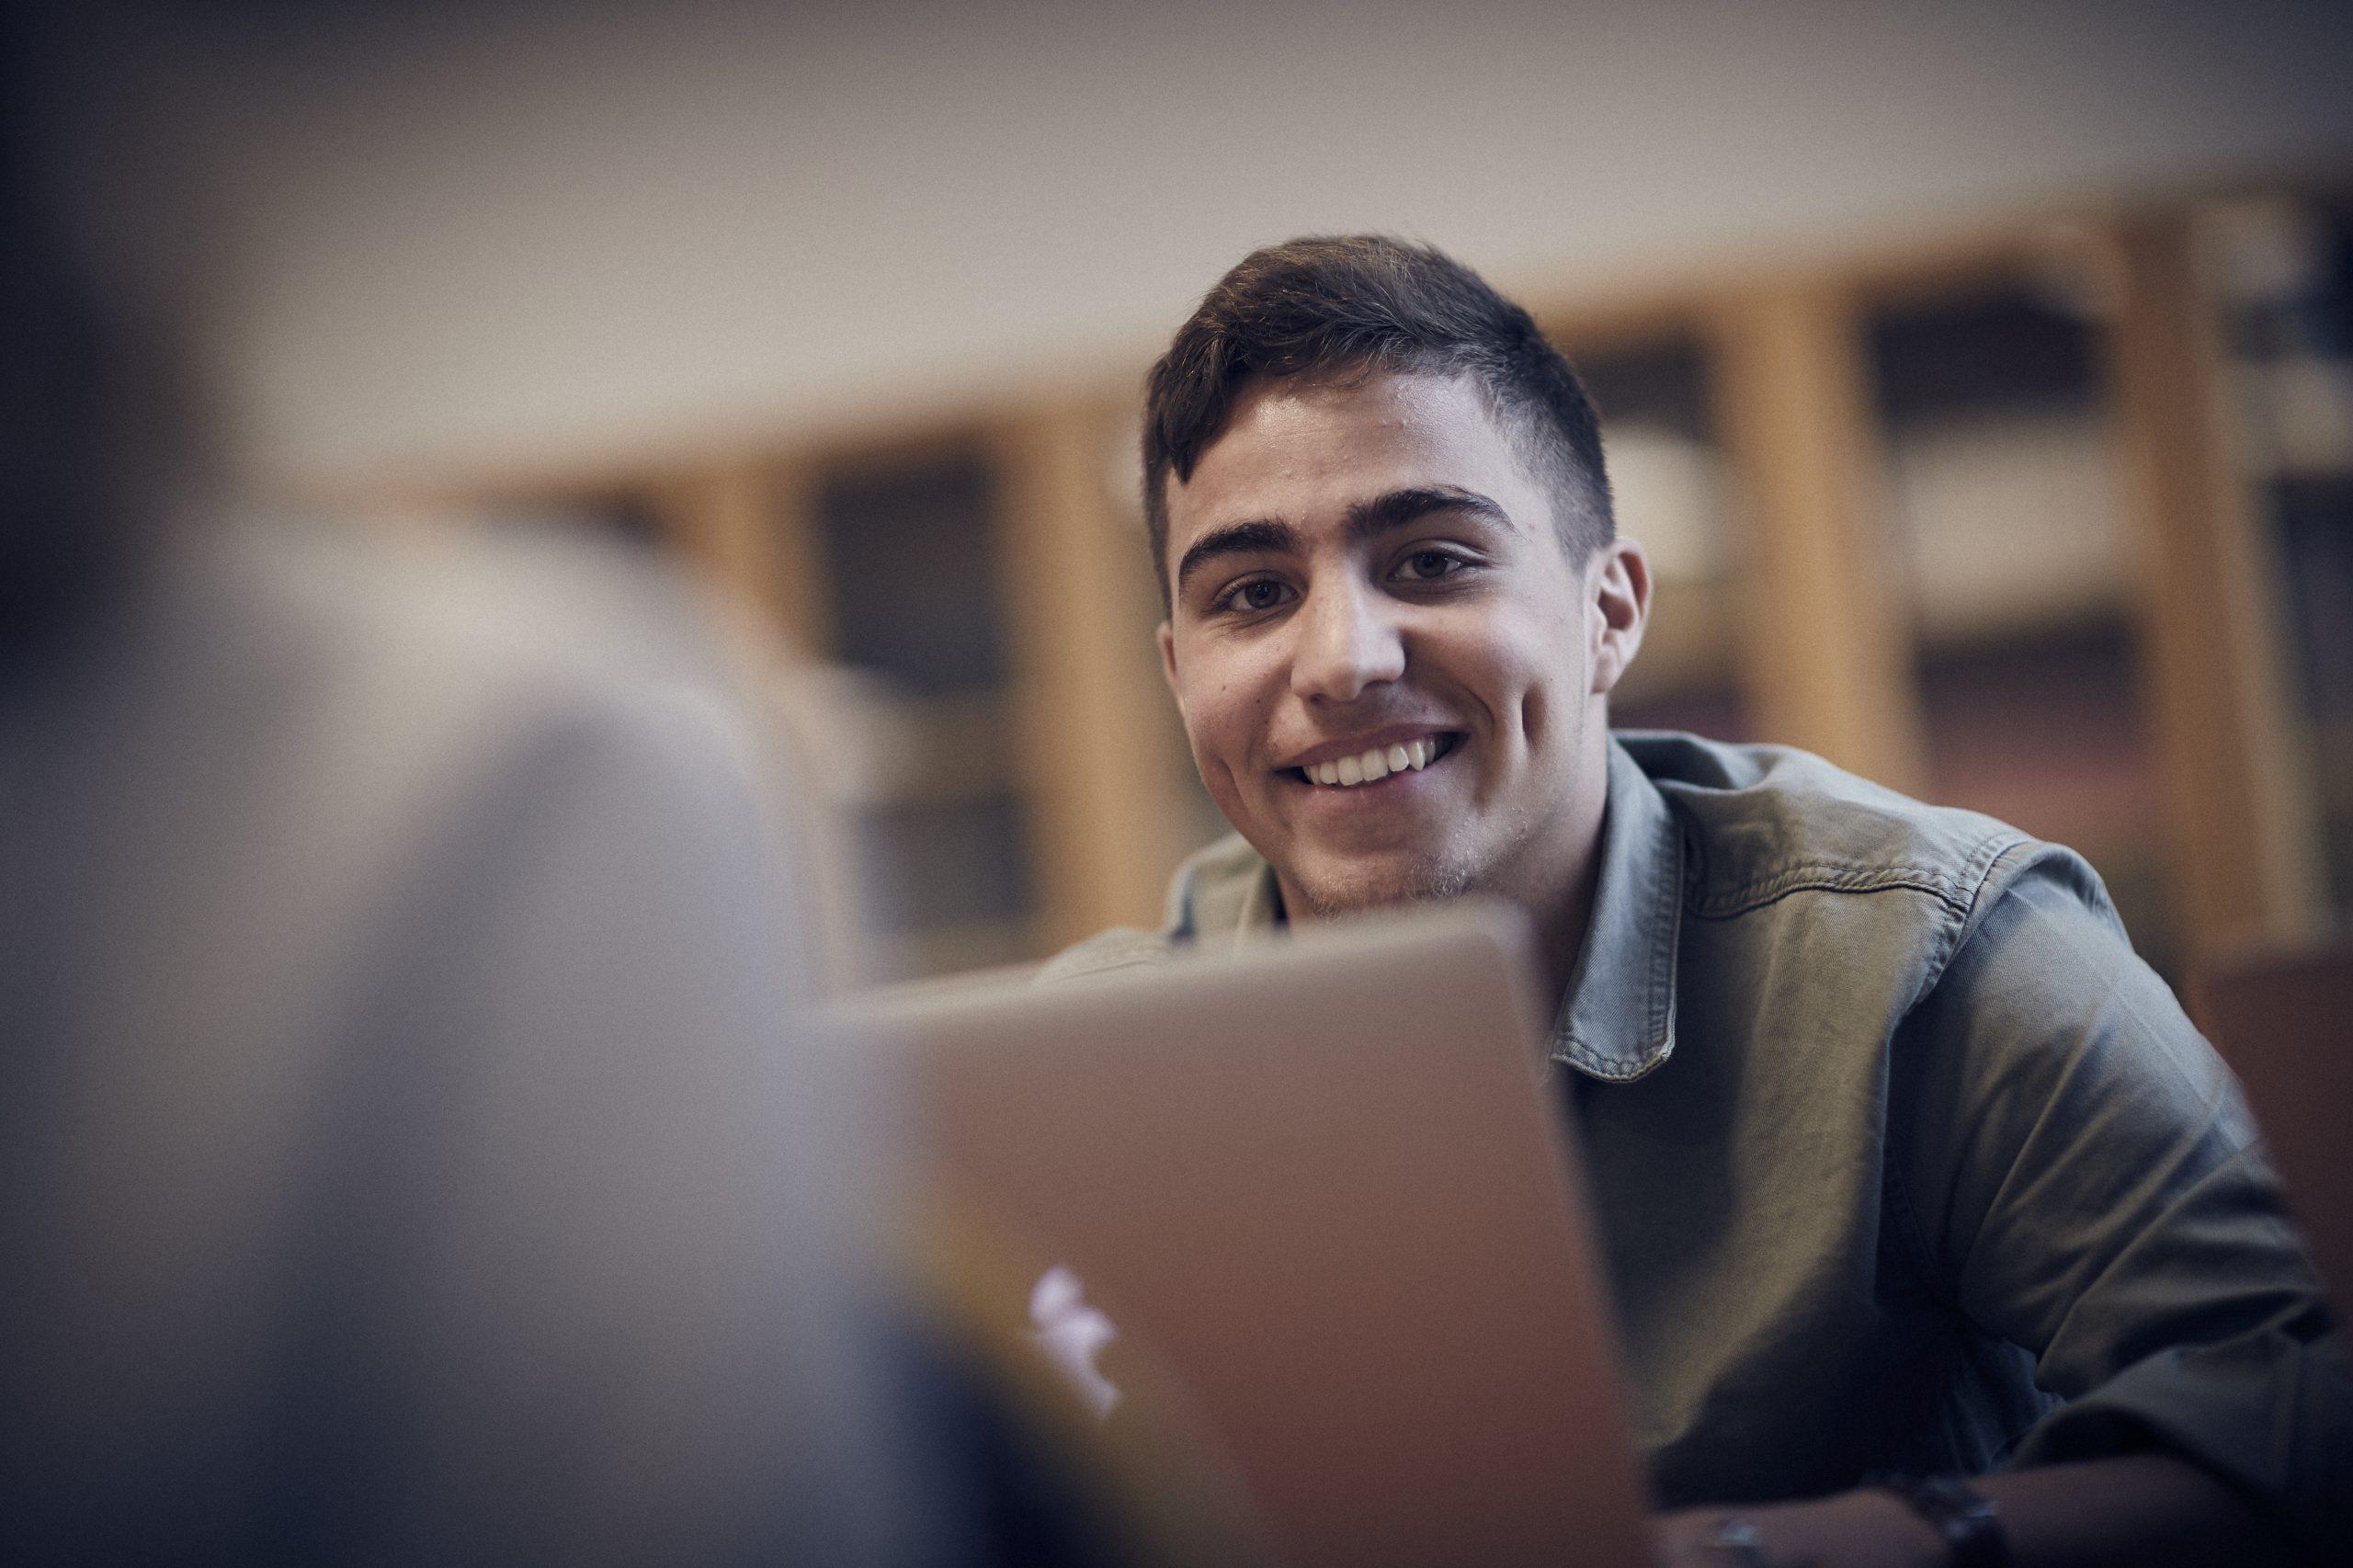 Adam, elev ler framför kameran. Han har på sig en grön skjorta